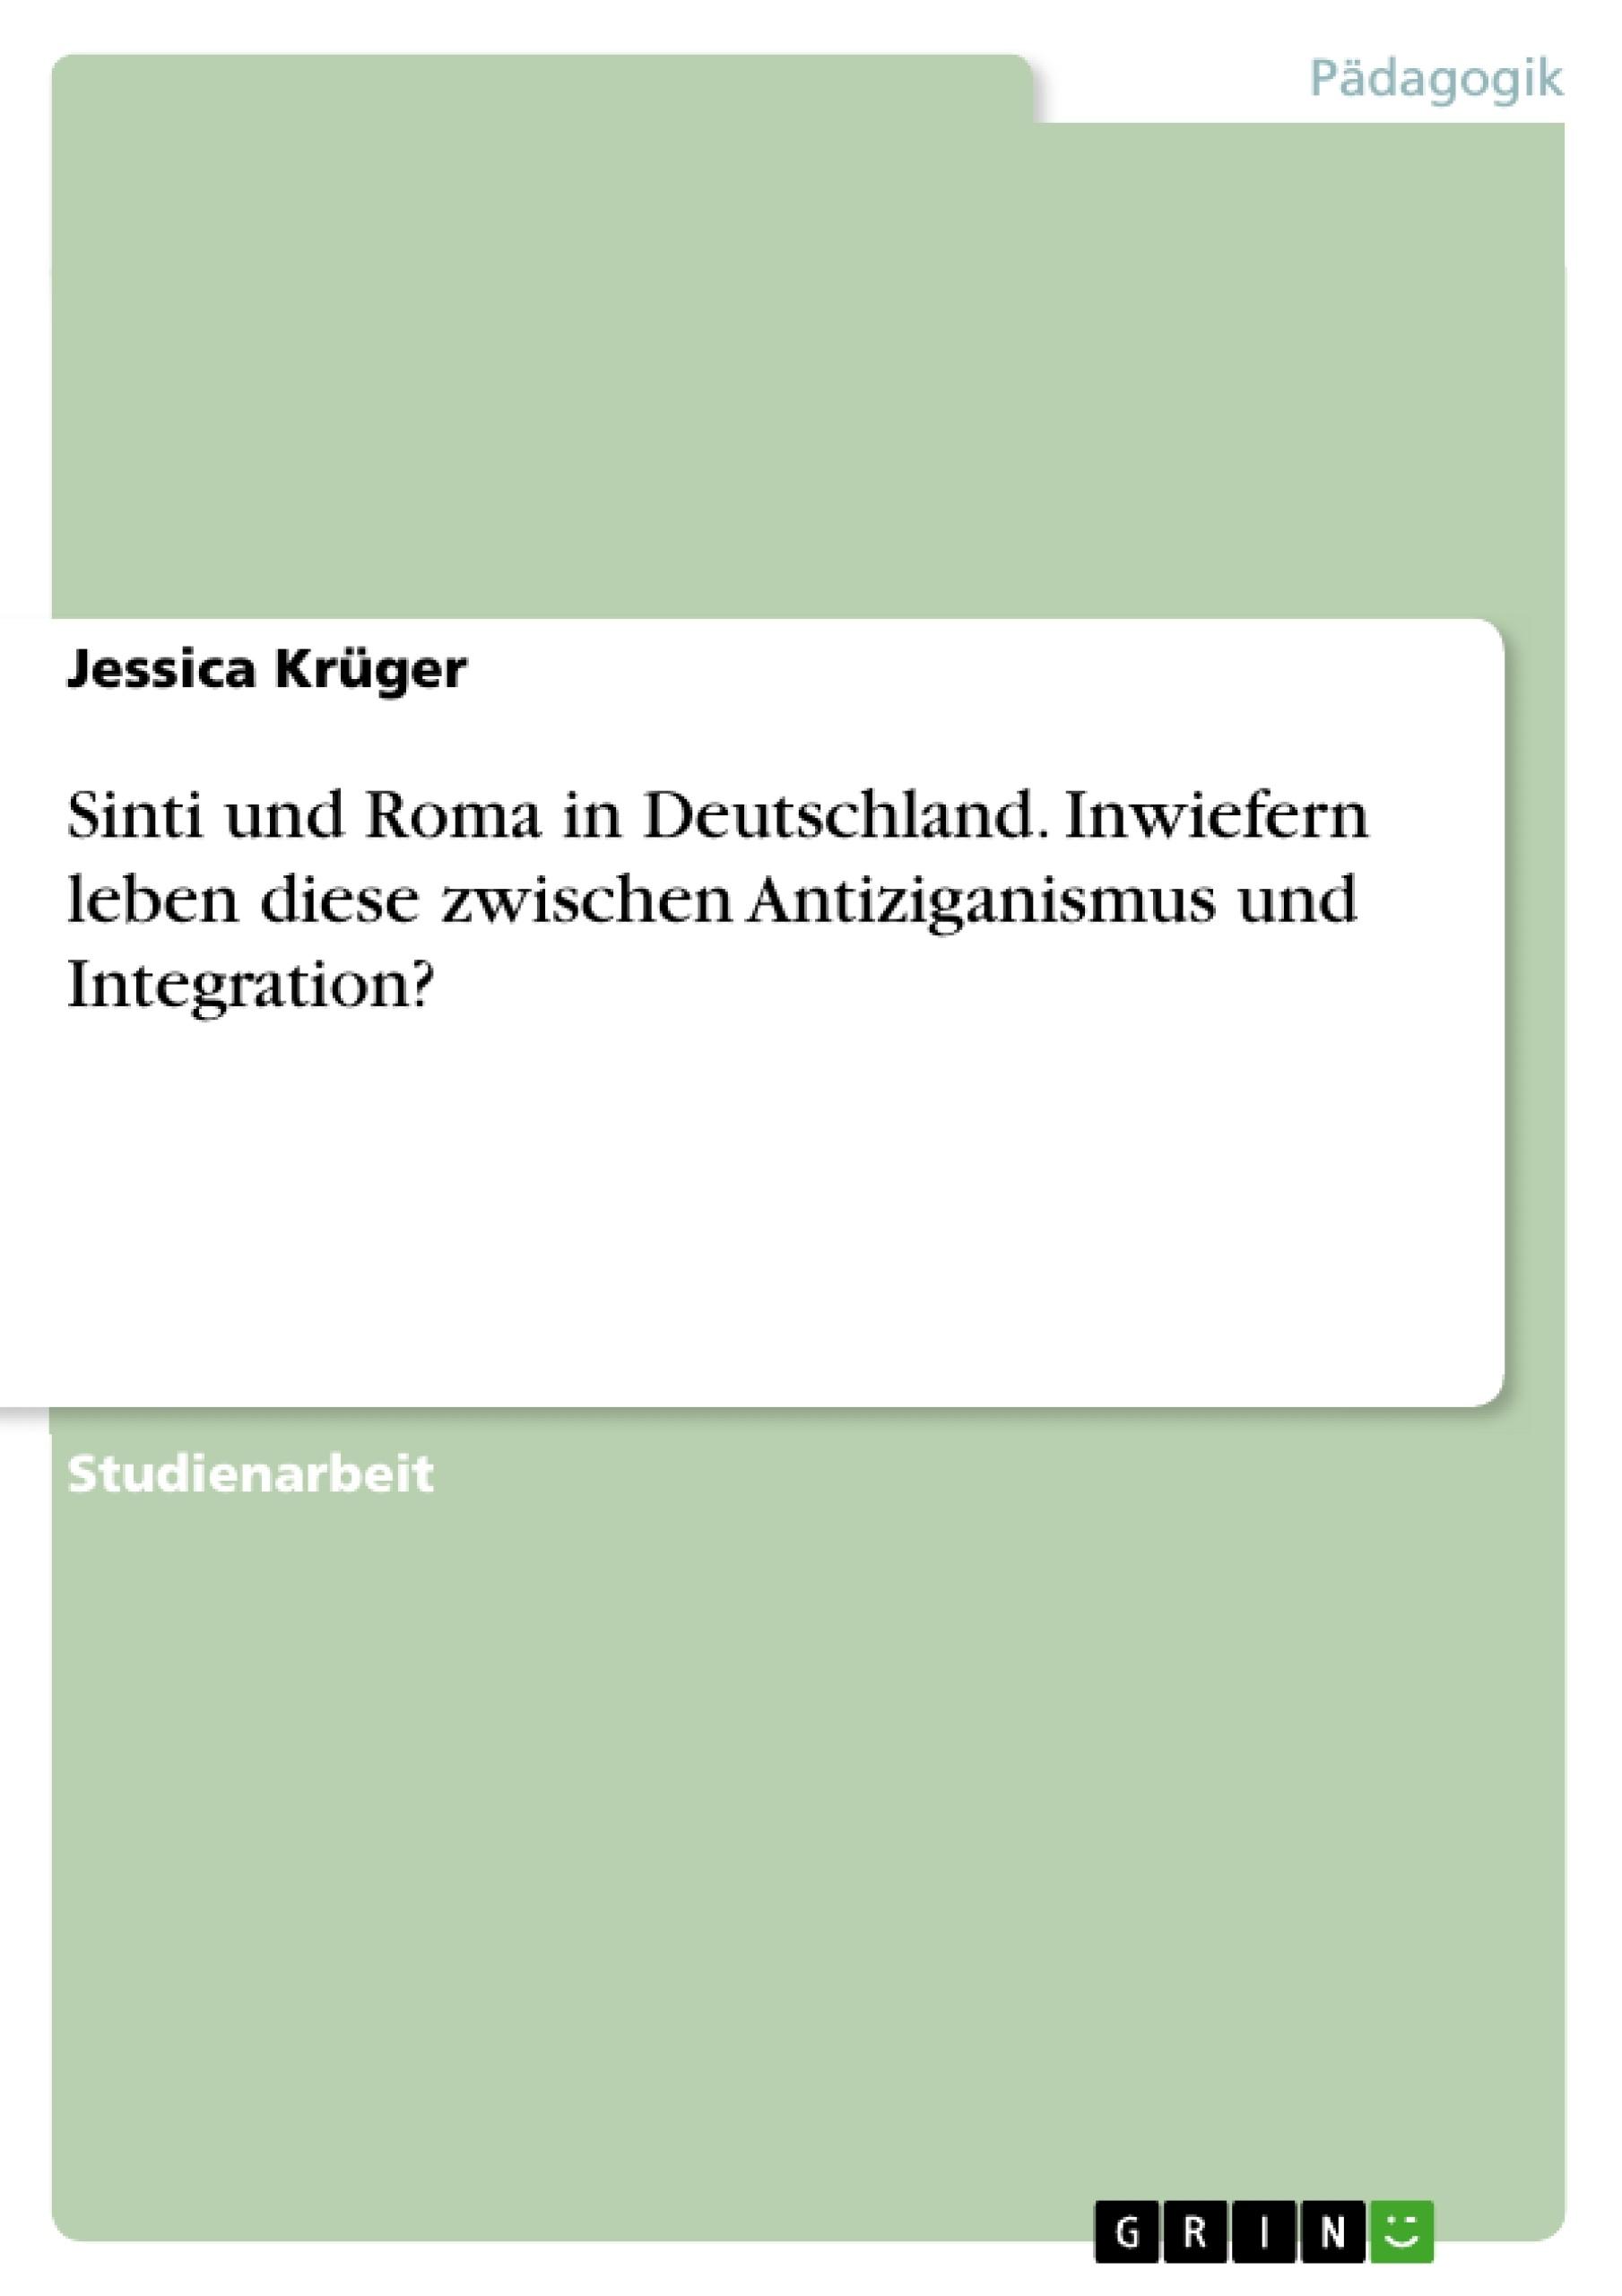 Titel: Sinti und Roma in Deutschland. Inwiefern leben diese zwischen Antiziganismus und Integration?